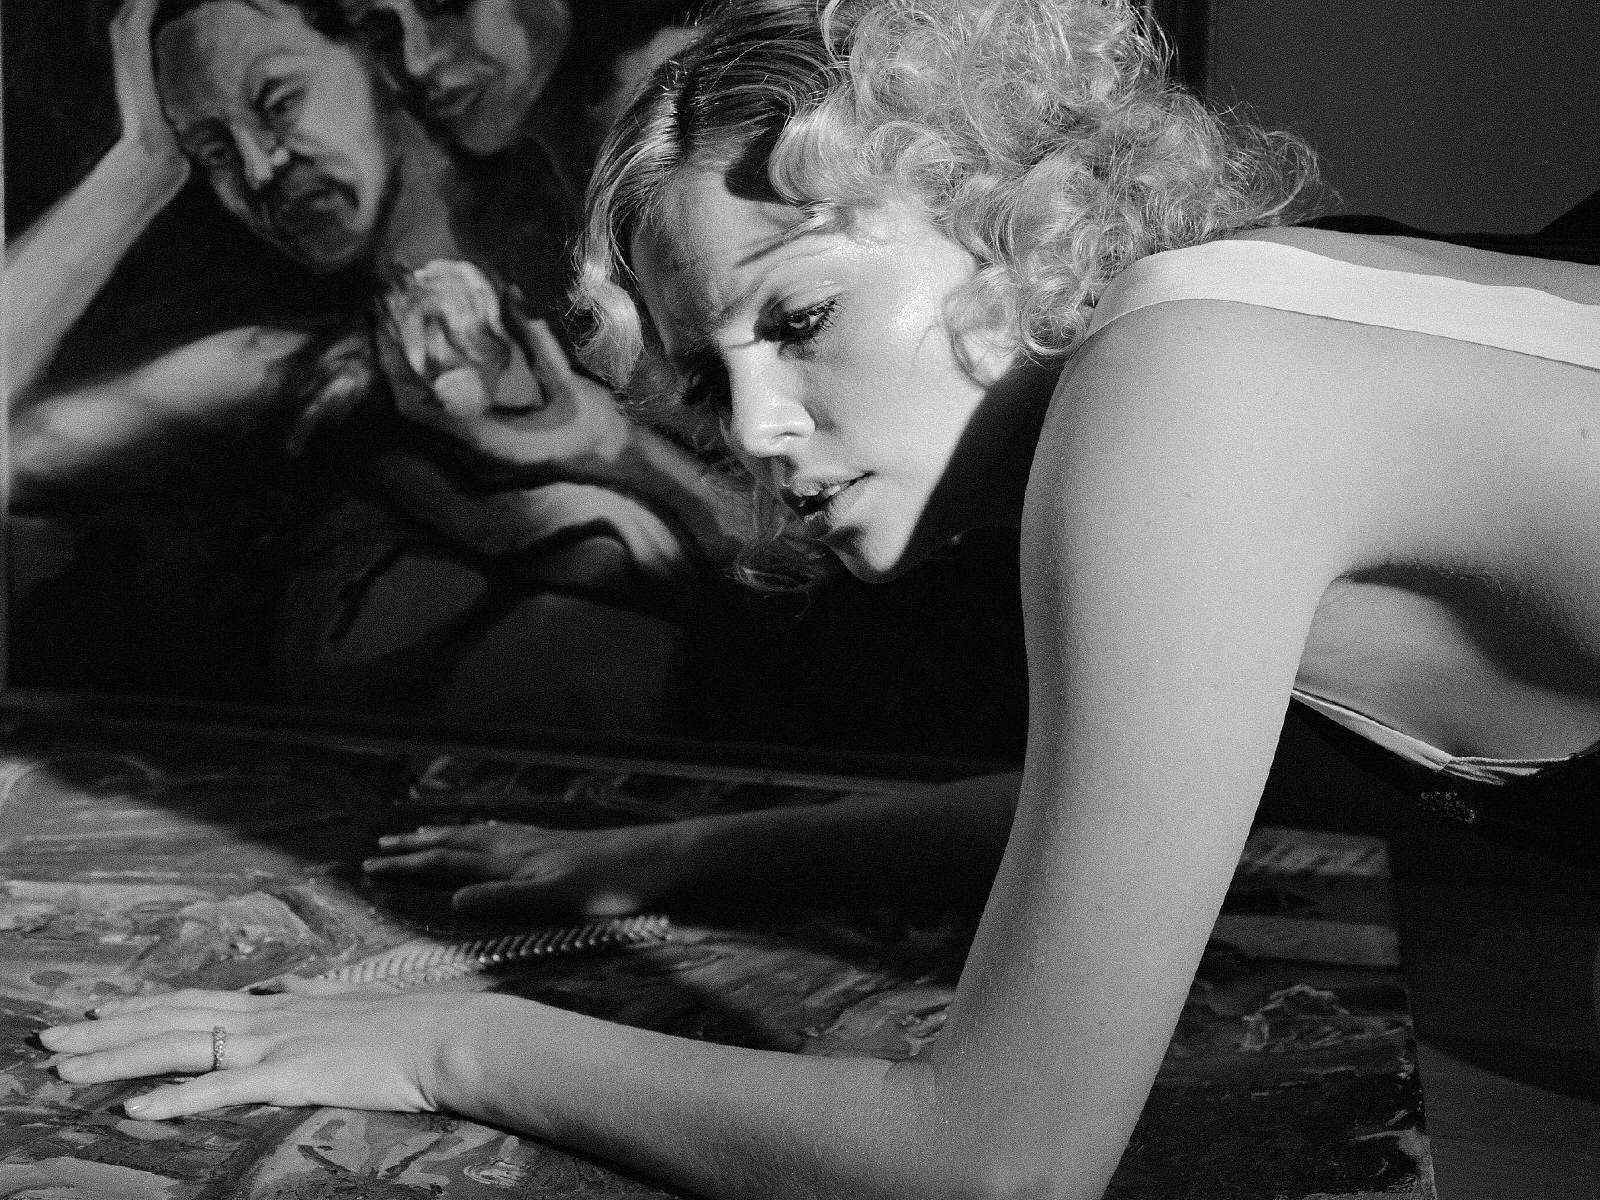 Wallpaper di Charlize Theron in una immagine sensualissima